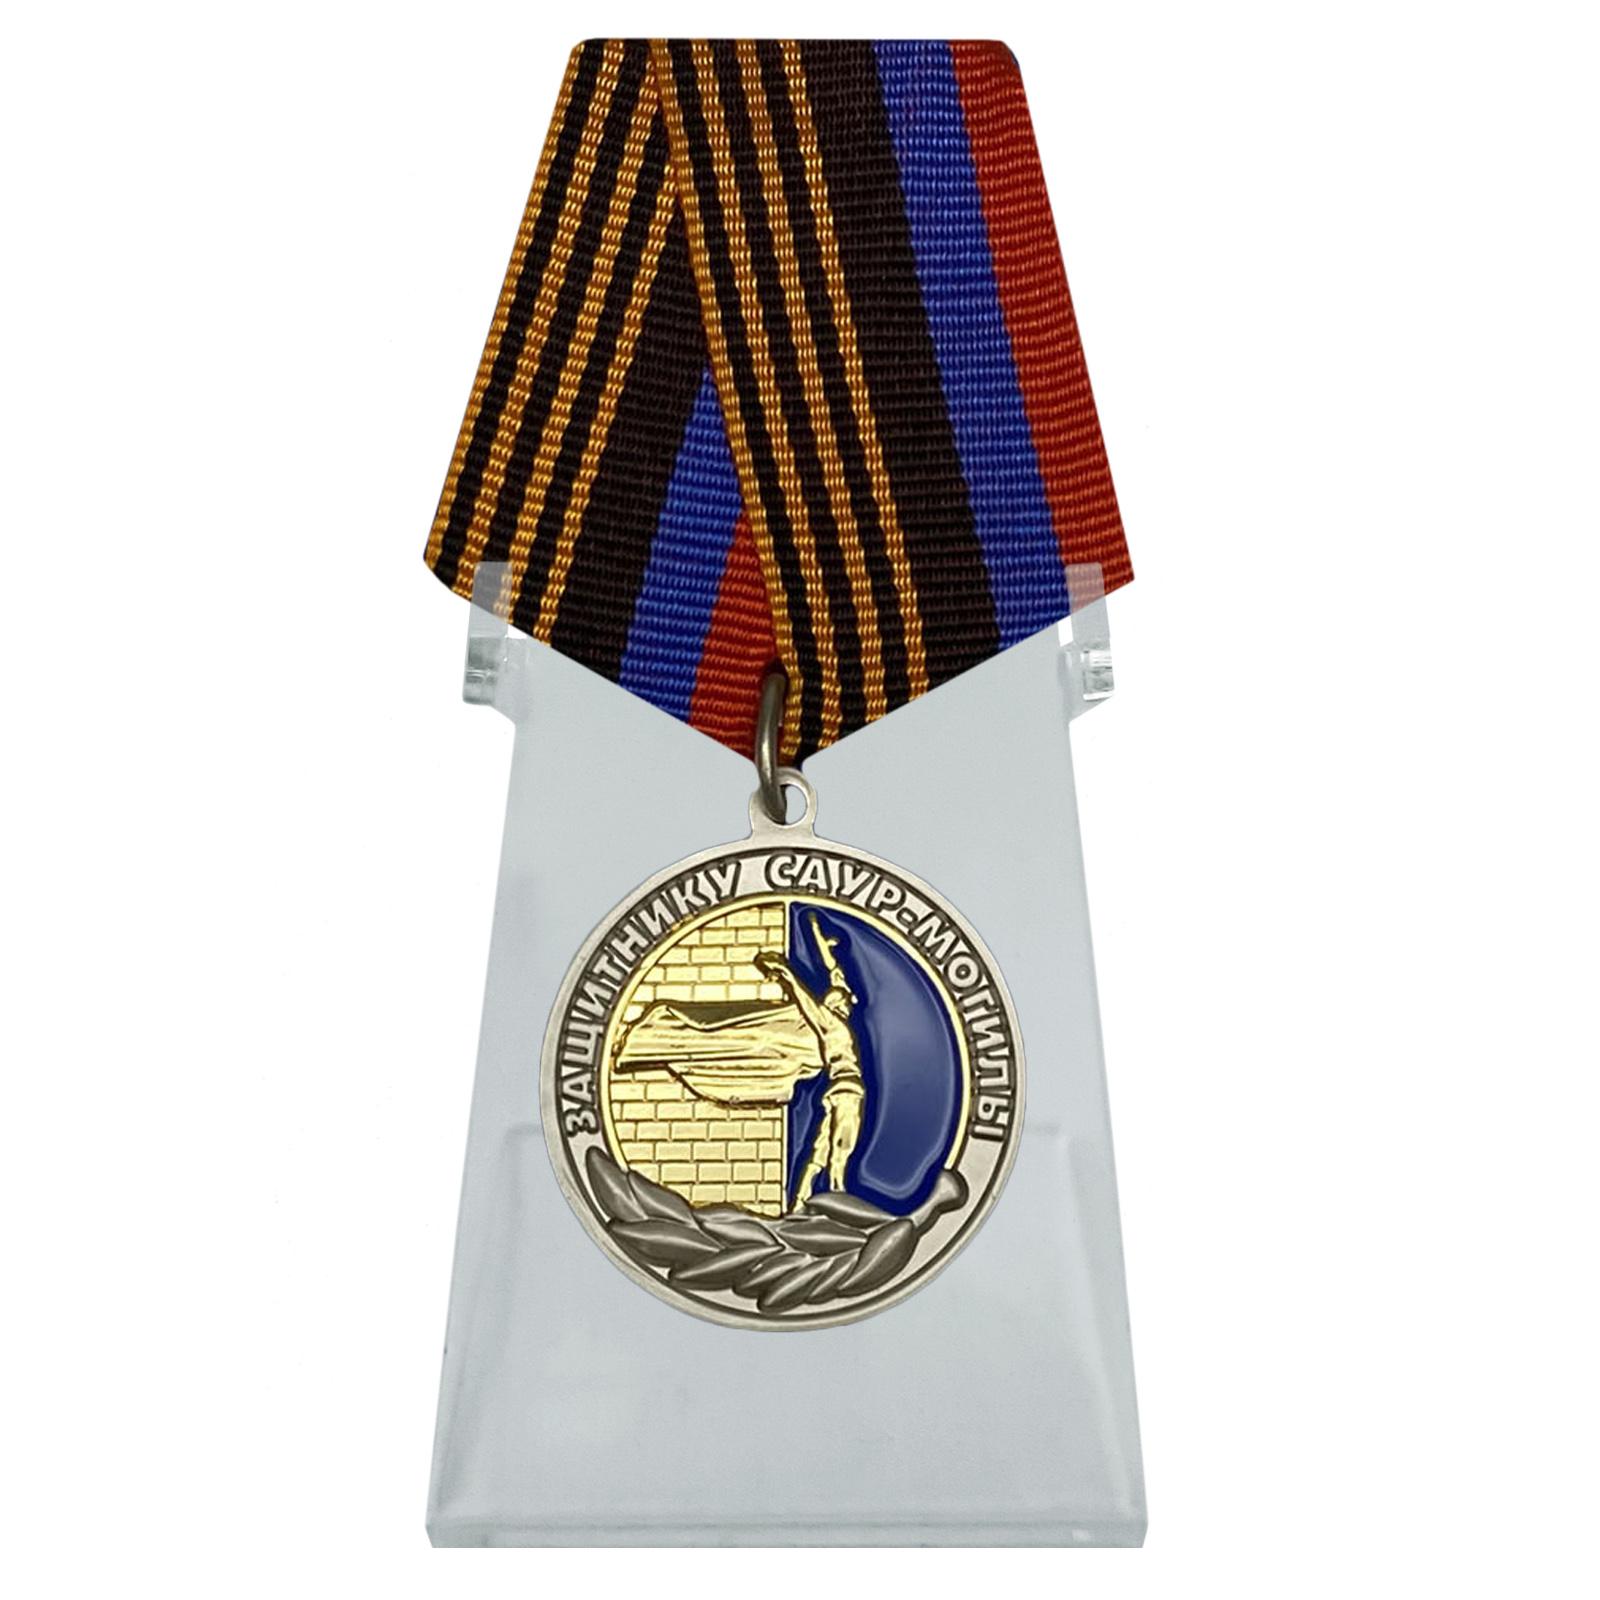 Медаль Защитнику Саур-Могилы на подставке